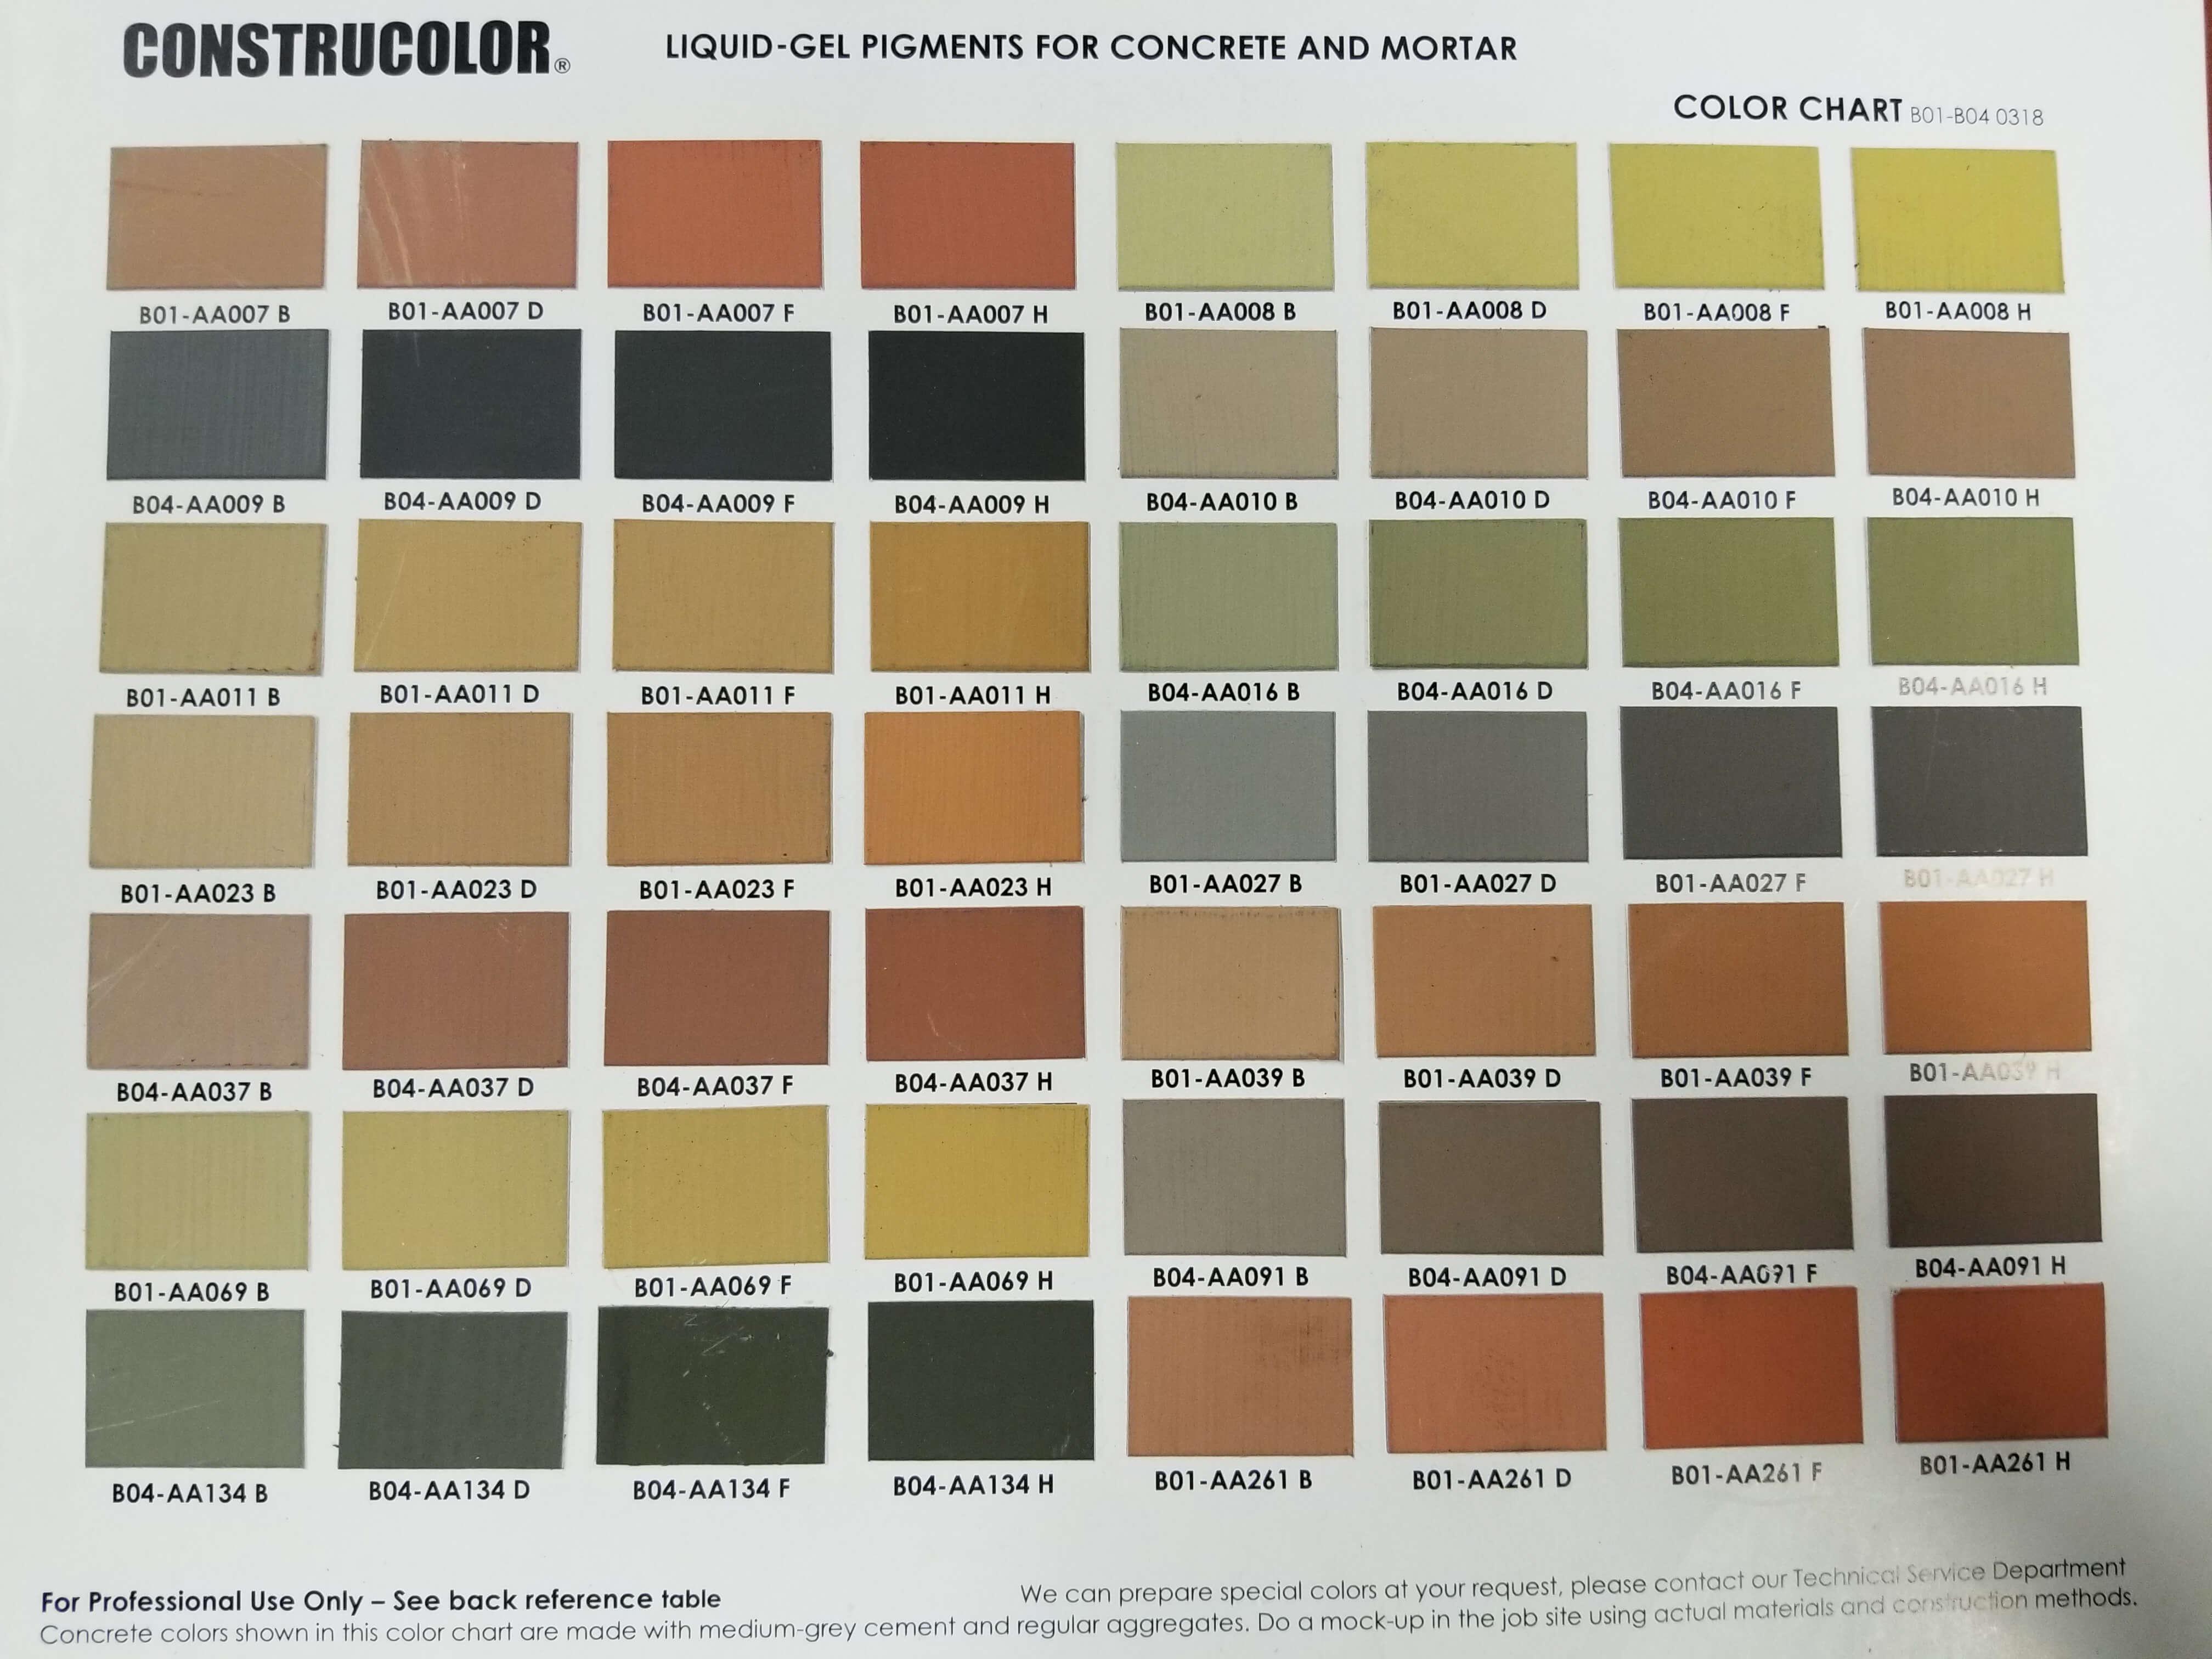 Bar M Supplies Concrete Coloring